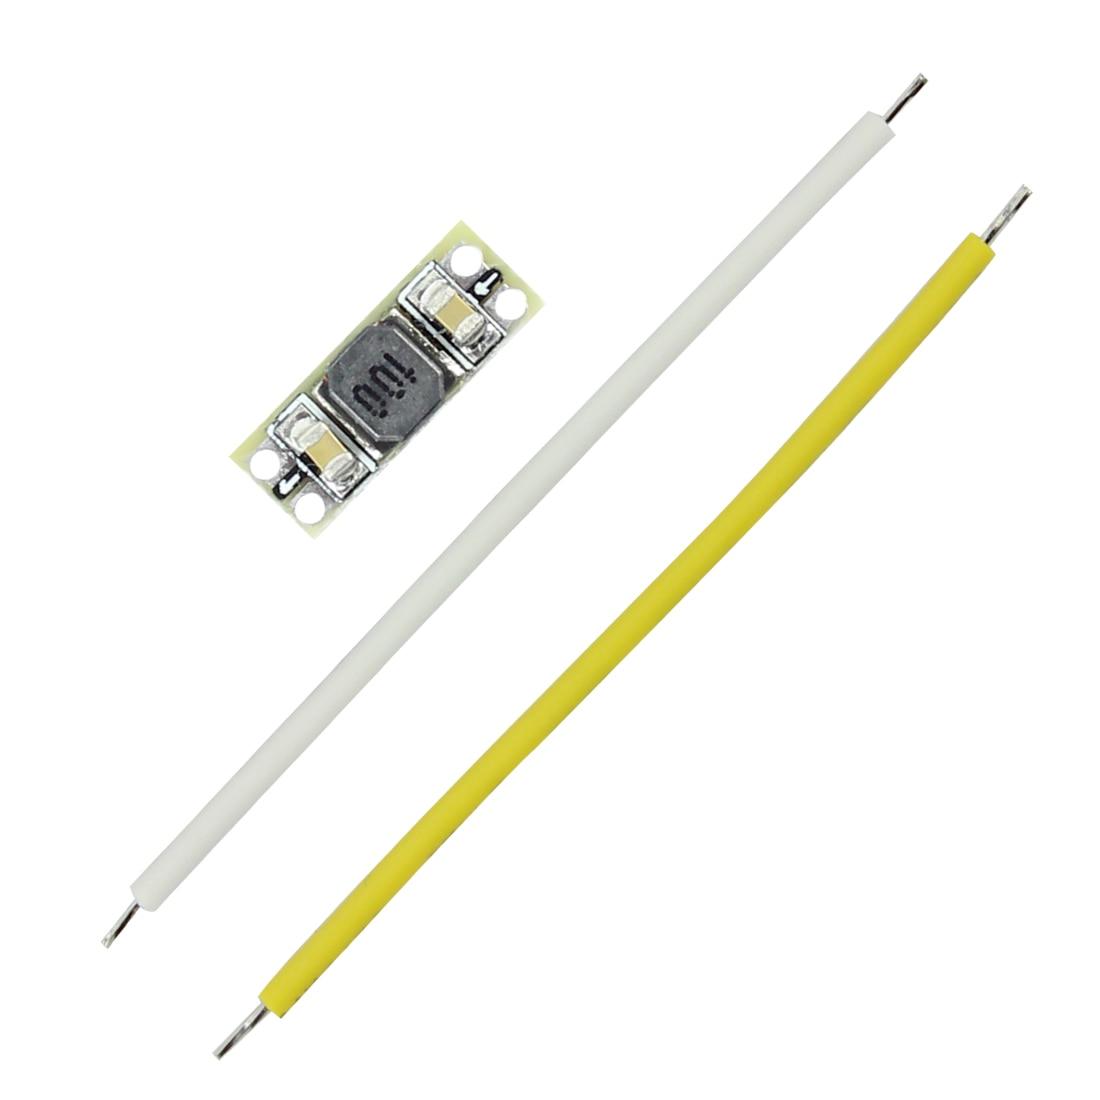 Фильтр питания JMT для радиоуправляемого дрона, 1А, RTF, L-C, 1-4S, LC, встроенный Lllustrated, устраняющий шуруповерт, фильтрация видеосигнала для FPV